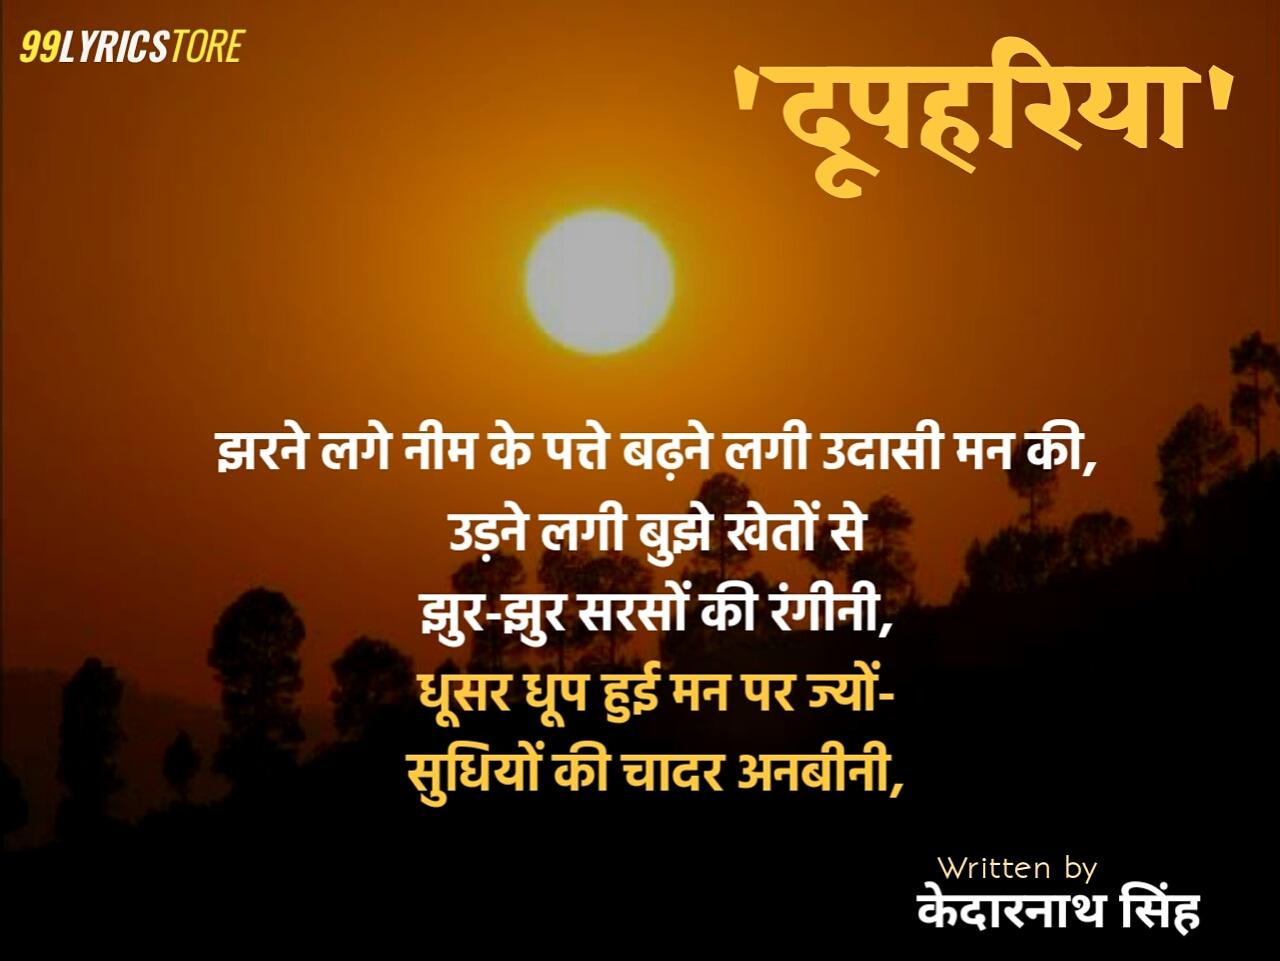 'दुपहरिया' कविता केदारनाथ जी द्वारा लिखी गई एक हिन्दी कविता है।